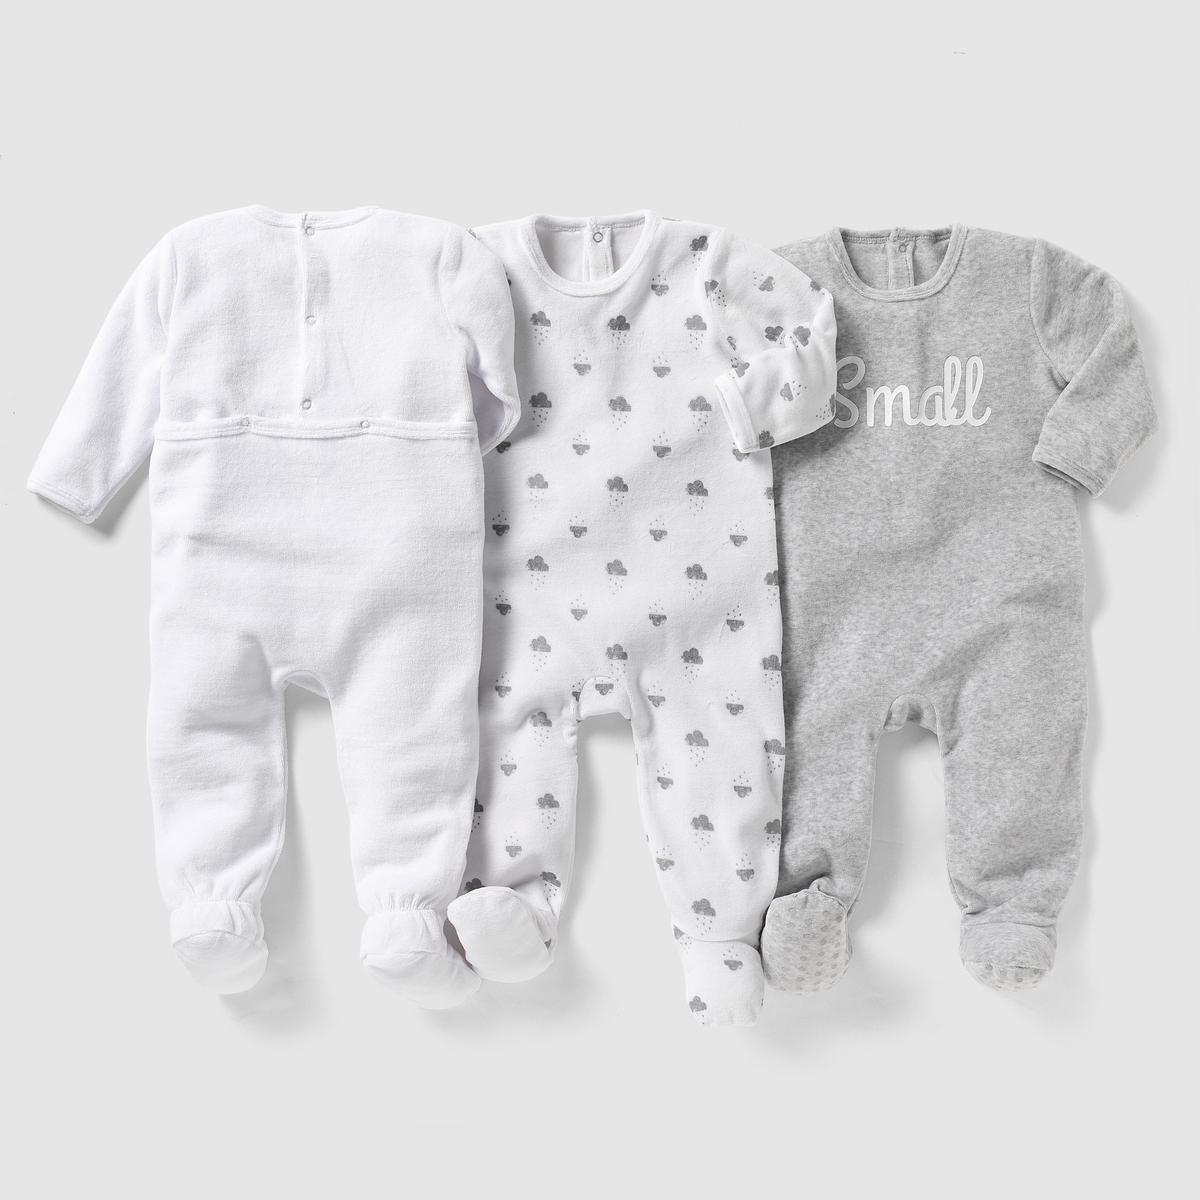 3 пижамы из велюра 0 мес-3 летКомплект из 3 велюровых пижам. В комплект входят: 1 пижама с рисунком облака + 1 однотонная пижама с рисунком пингвин спереди + 1 однотонная пижама с надписью спереди. Клапан на кнопках и застежка на кнопки сзади. Нескользящая подошва начиная с размера 74 см (12 месяцев), эластичные вставки сзади для лучшей поддержки  Состав и описаниеМатериал      75 % хлопка, 25 % полиэстера  Марка       R ?ditionУход:Стирать и гладить с изнаночной стороныМашинная стирка при 30 °С на умеренном режиме с вещами схожих цветовМашинная сушка в умеренном режимеГладить при умеренной температуре.Знак марки отпечатан с внутренней стороны и не напечатан на пришитой этикетке сзади, чтобы не вызвать раздражение или зуд на коже ребенка .<br><br>Цвет: серый меланж + антрацит + белый<br>Размер: 0 мес. - 50 см.3 мес. - 60 см.6 мес. - 67 см.2 года - 86 см.3 года - 94 см